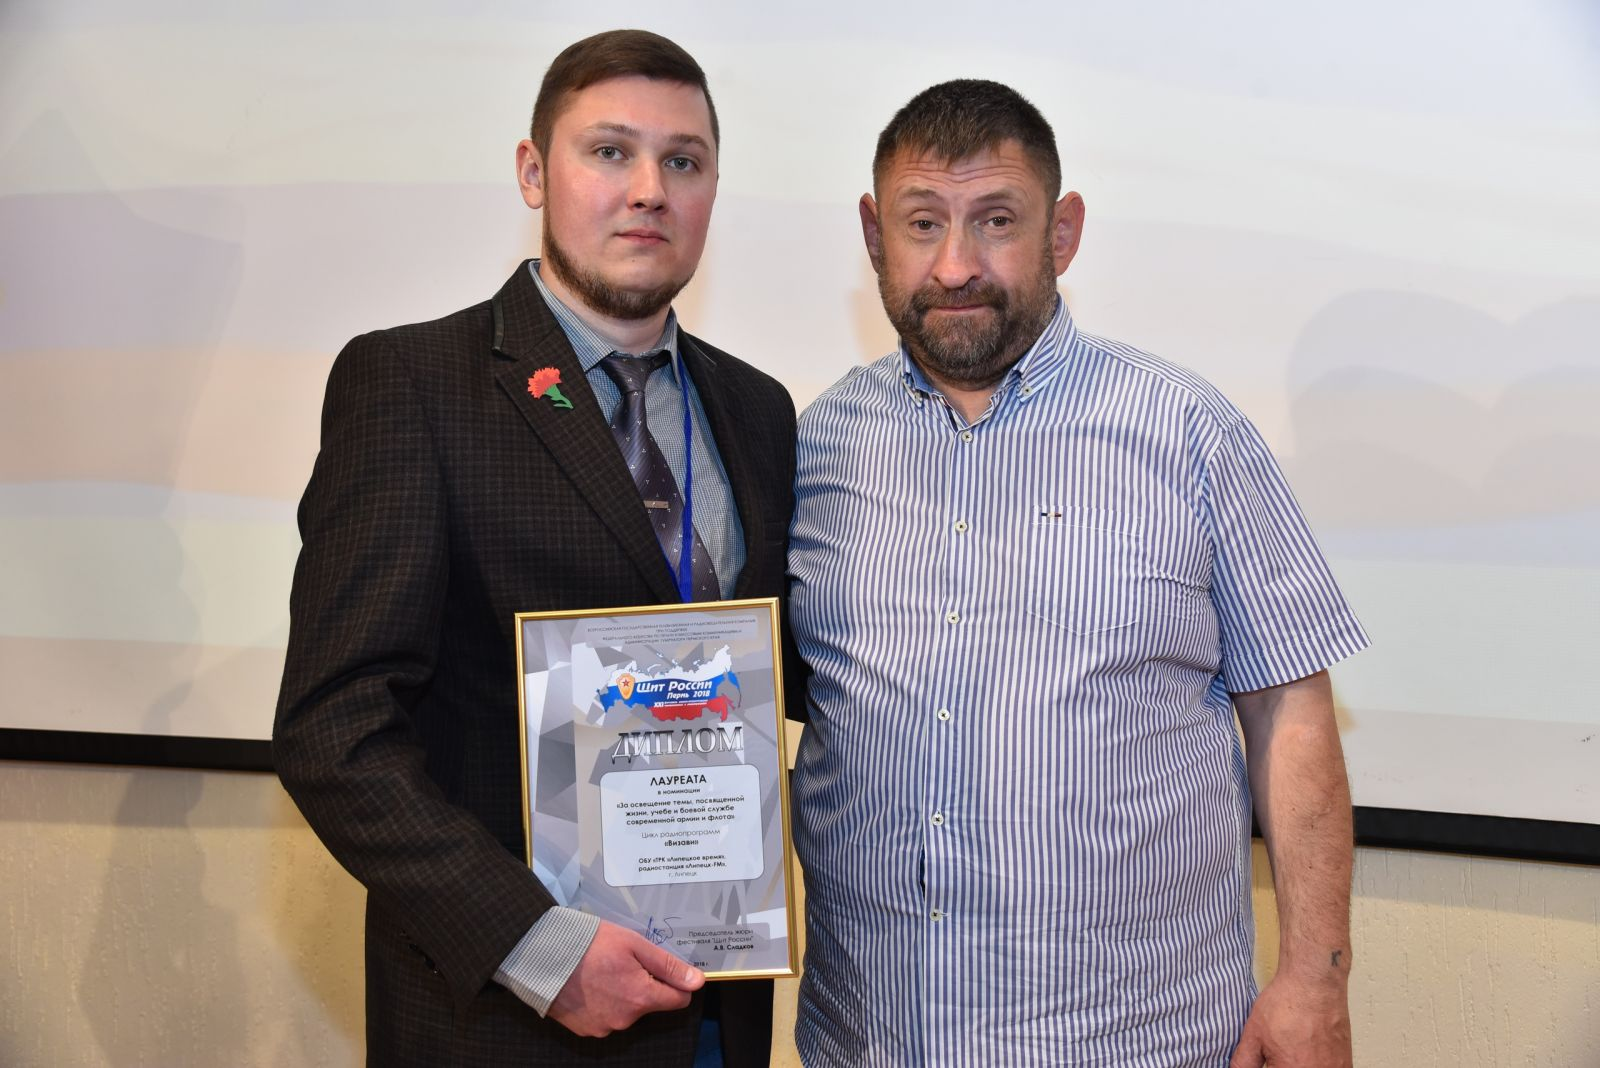 Радио «Липецк FM» стало лауреатом конкурса «Щит России»